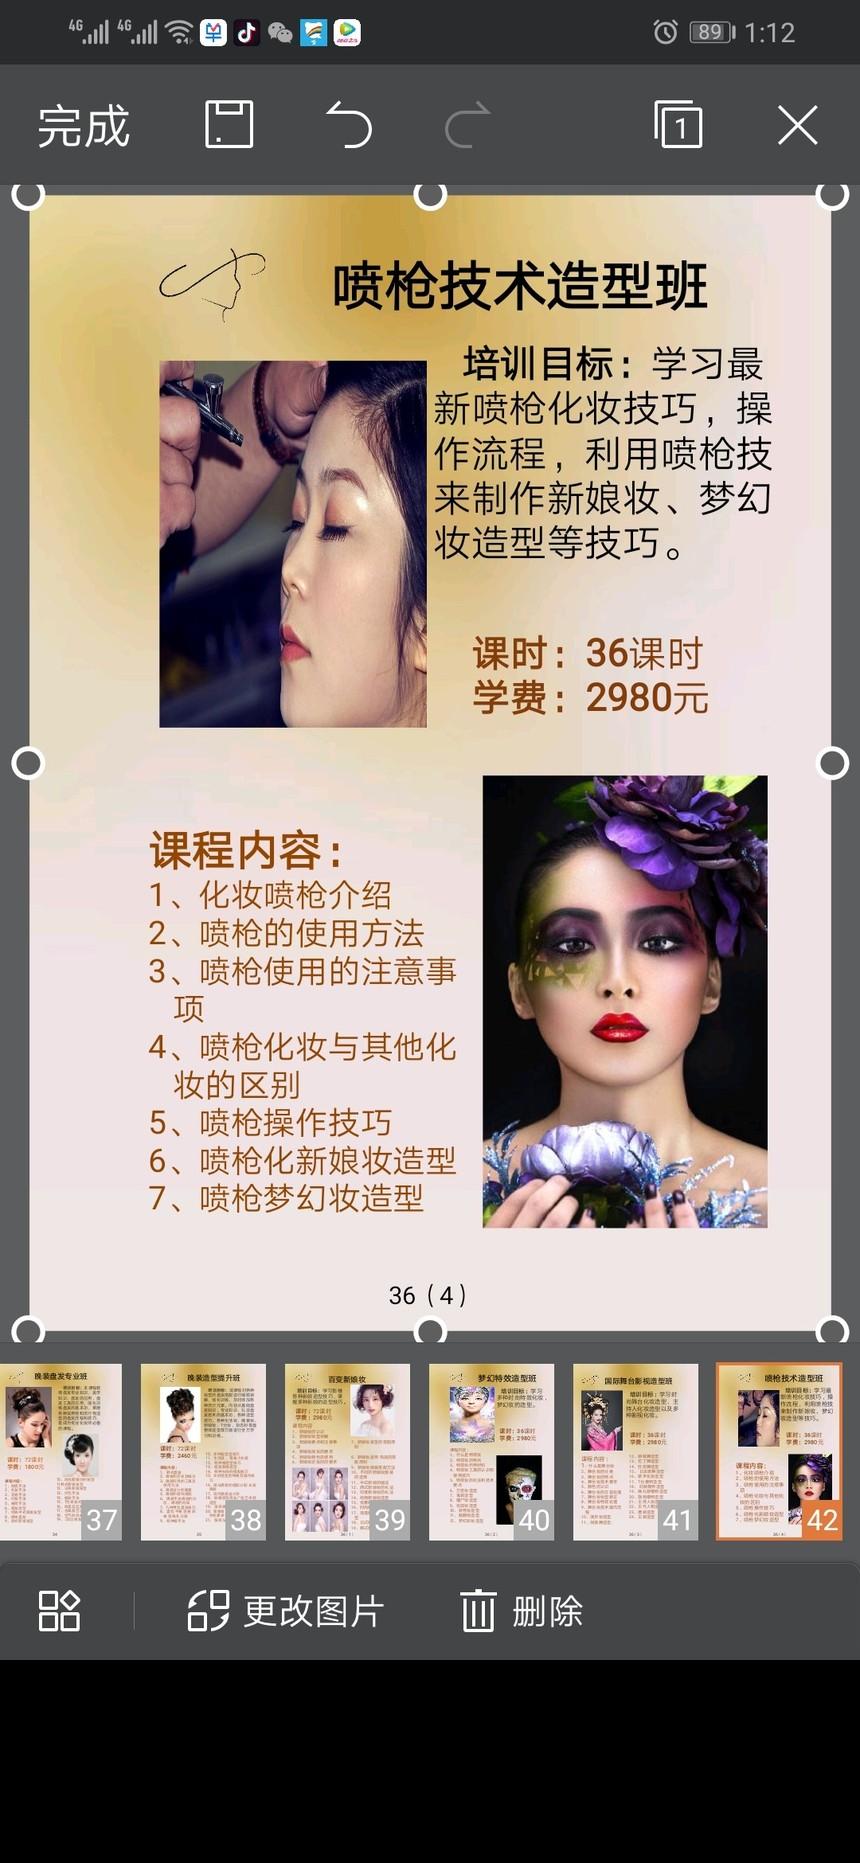 Screenshot_20190706_131253_cn.wps.moffice_engz.jpg